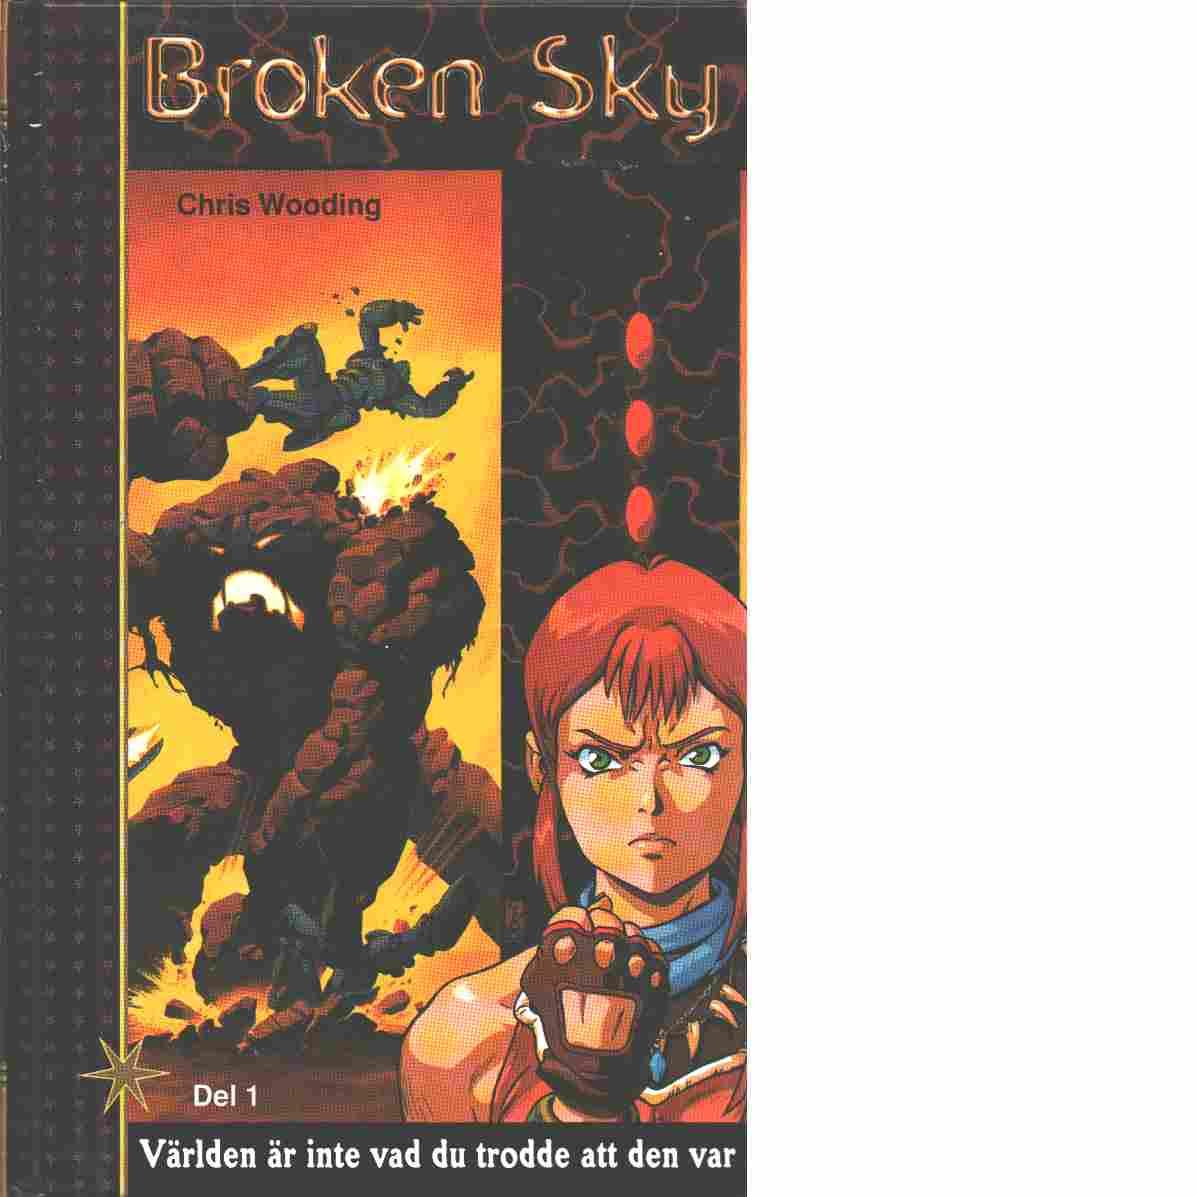 Broken sky. D. 1, Världen är inte vad du trodde att den var - Wooding, Chris